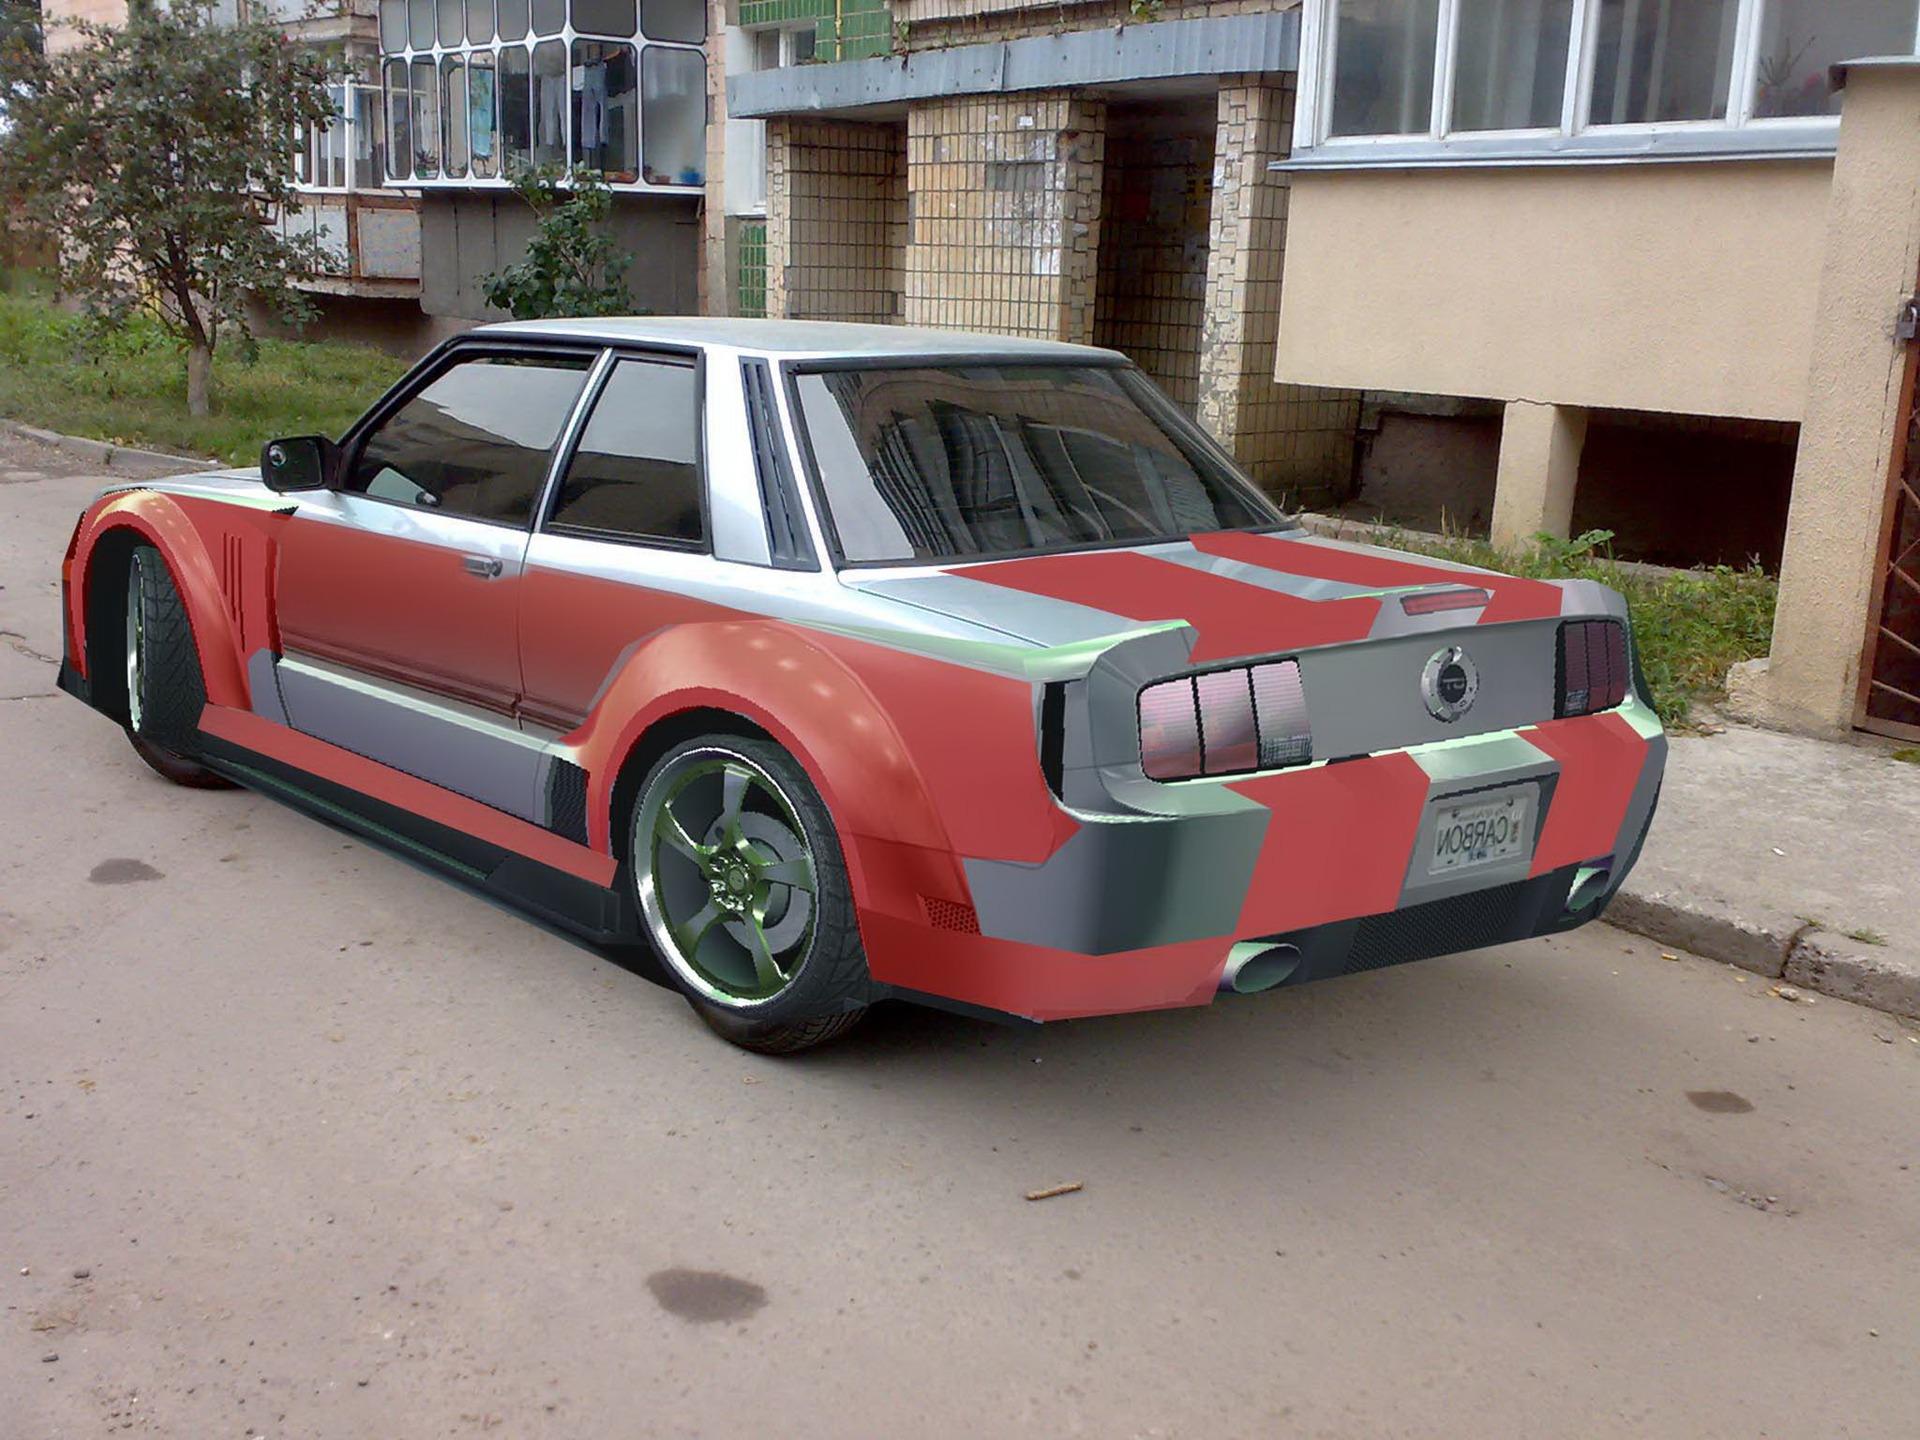 Форд таунус тюнинг фото